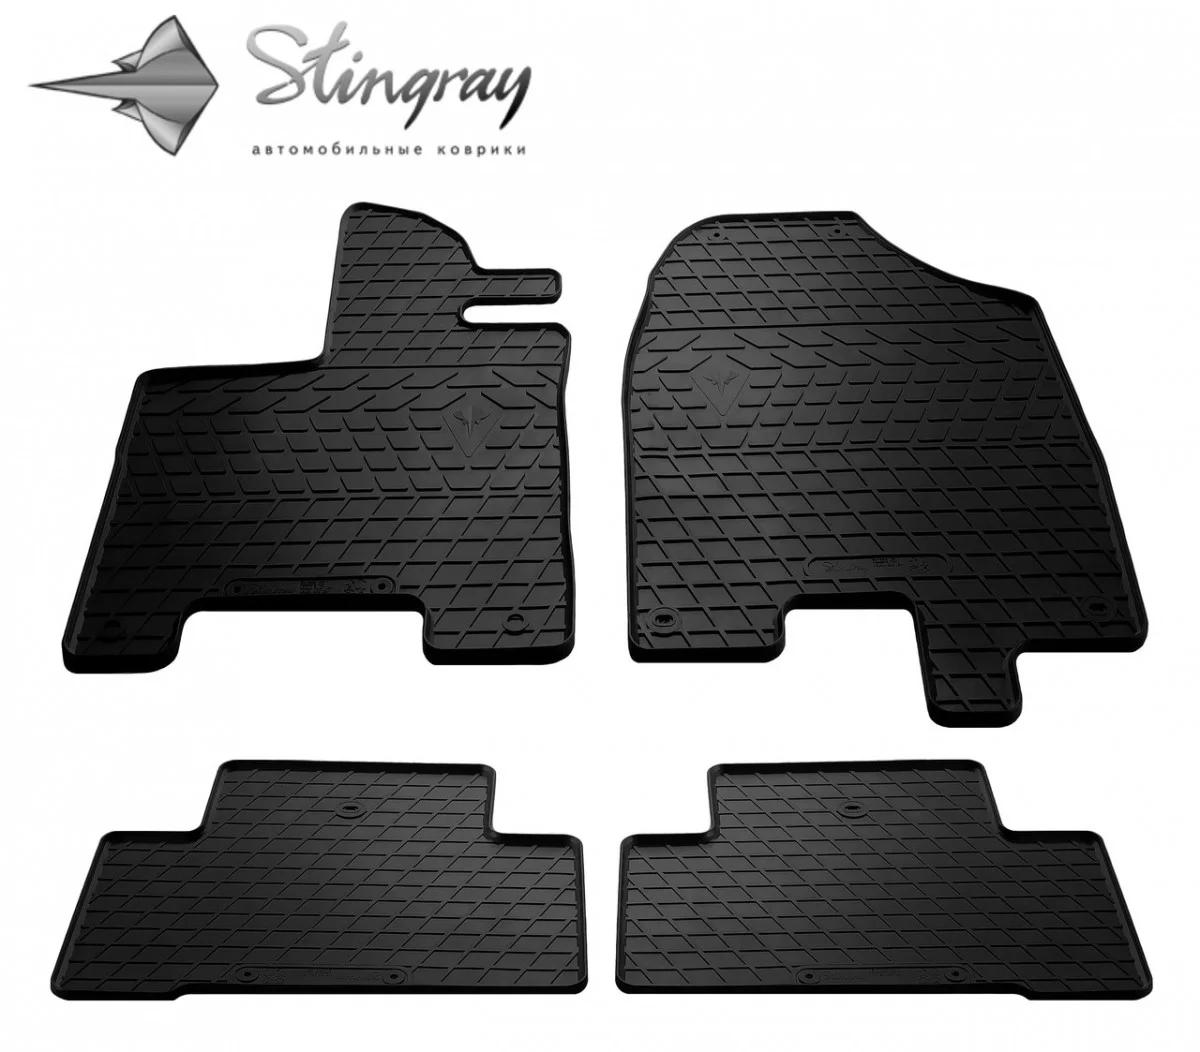 Резиновые коврики в автомобиль Acura MDX (YD3) 2013- (4 шт.) Stingray